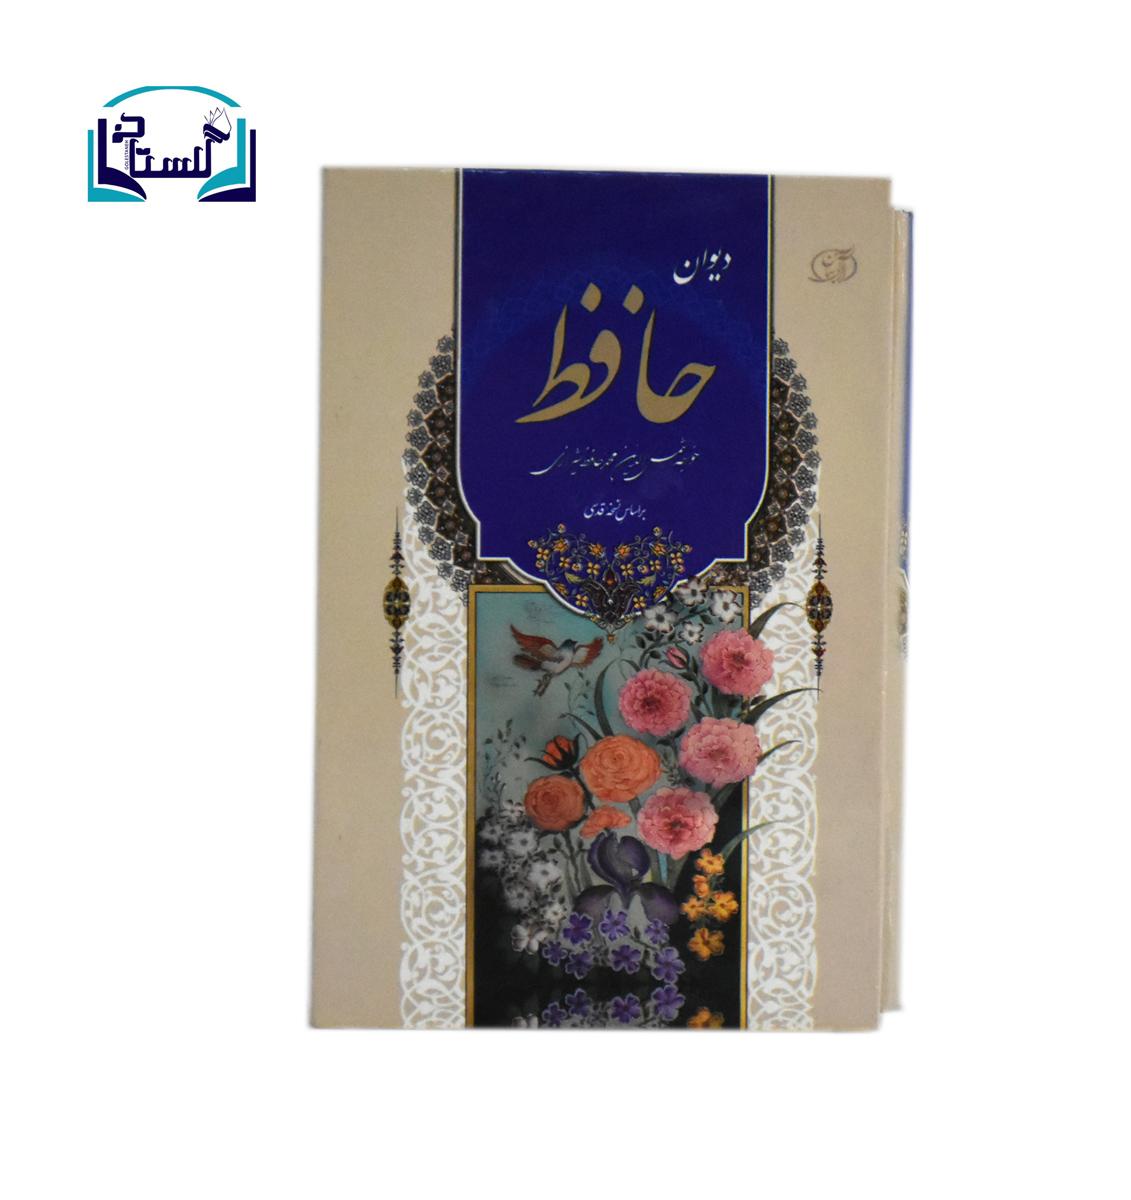 ديوان-حافظ(آسمان-آبي)1-16قابدار